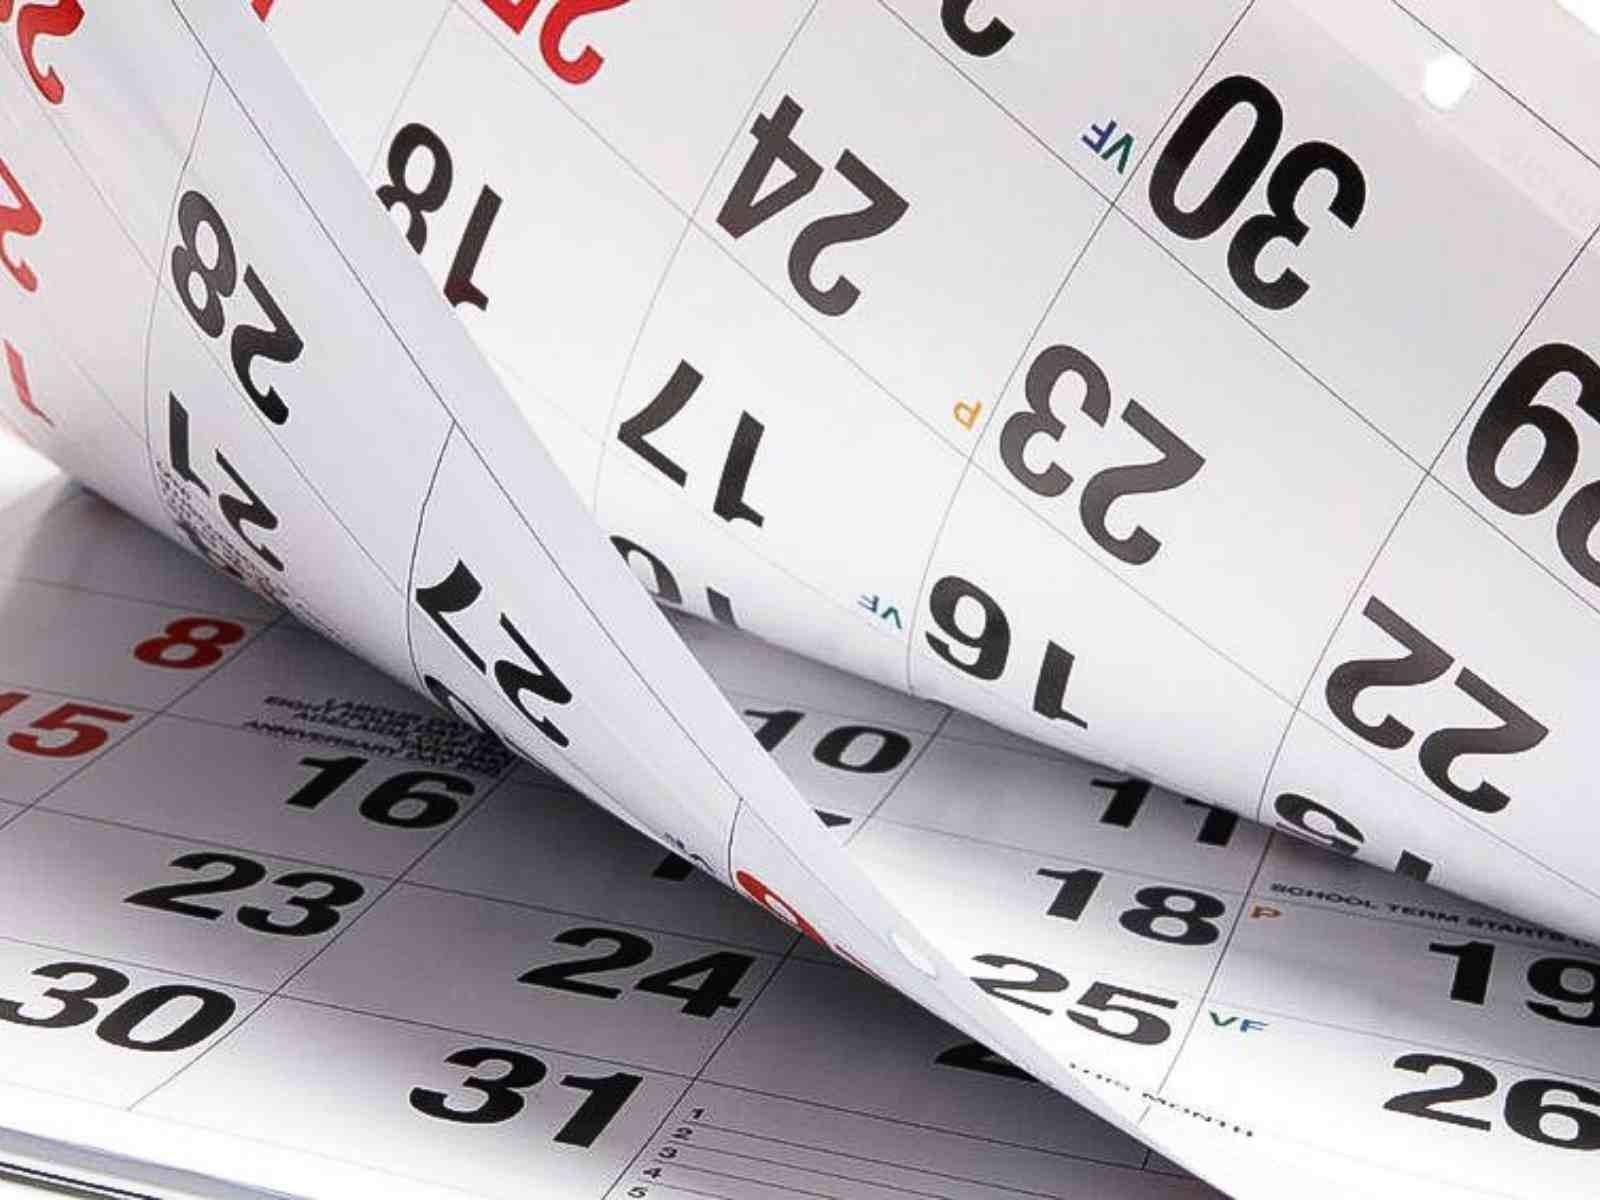 Роструд: праздник 8Марта разделит рабочую неделю пополам